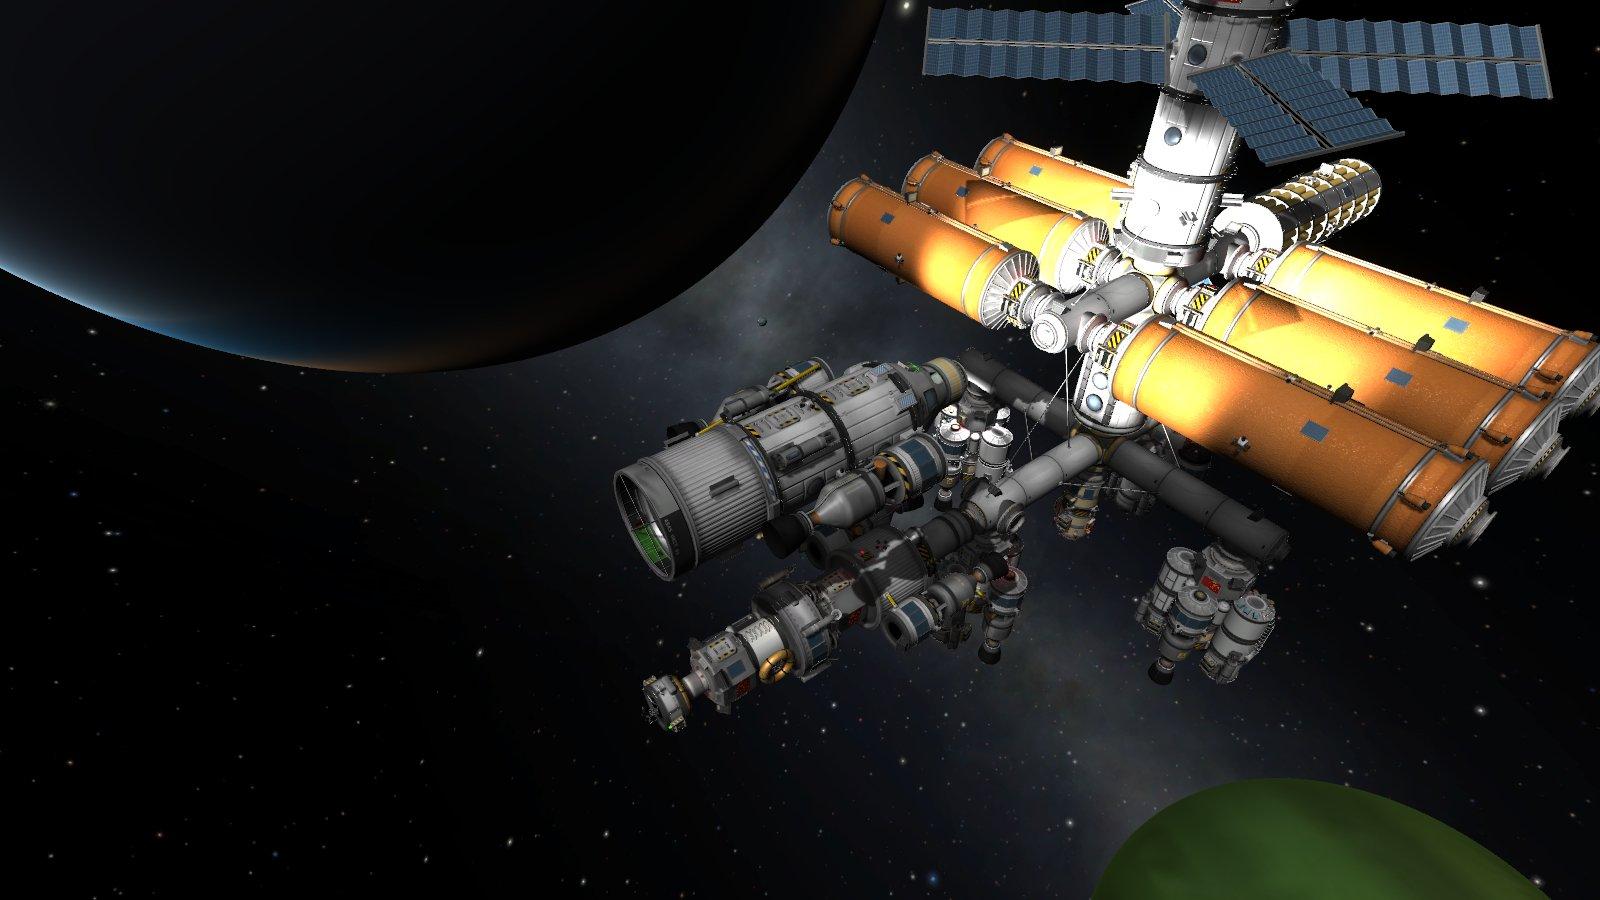 Kerbal Space Program  F5faacc7-588f-4fed-9d20-424f28a030b2